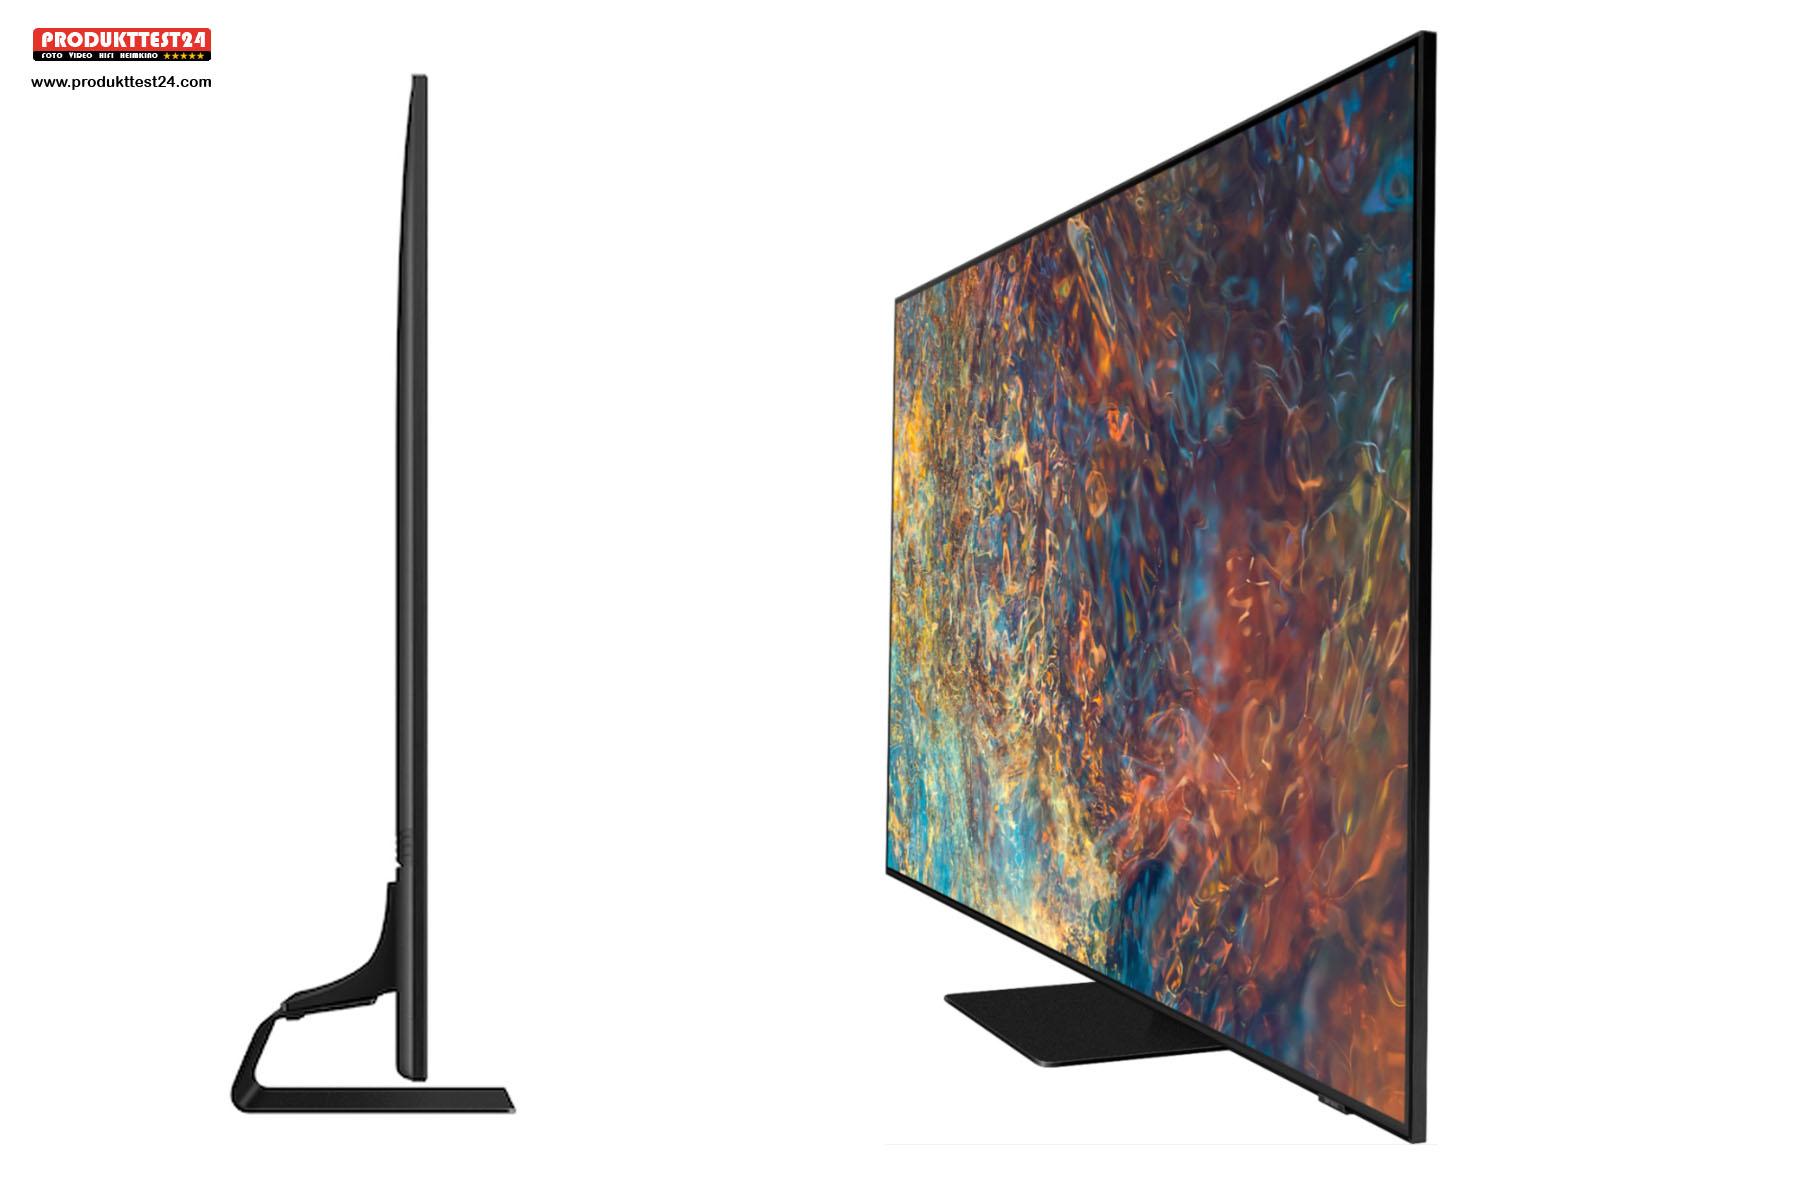 Der Samsung GQ50QN90A ist extrem Flach. Mit 2,7 cm ist er dünner als die meisten Bilderrahmen.